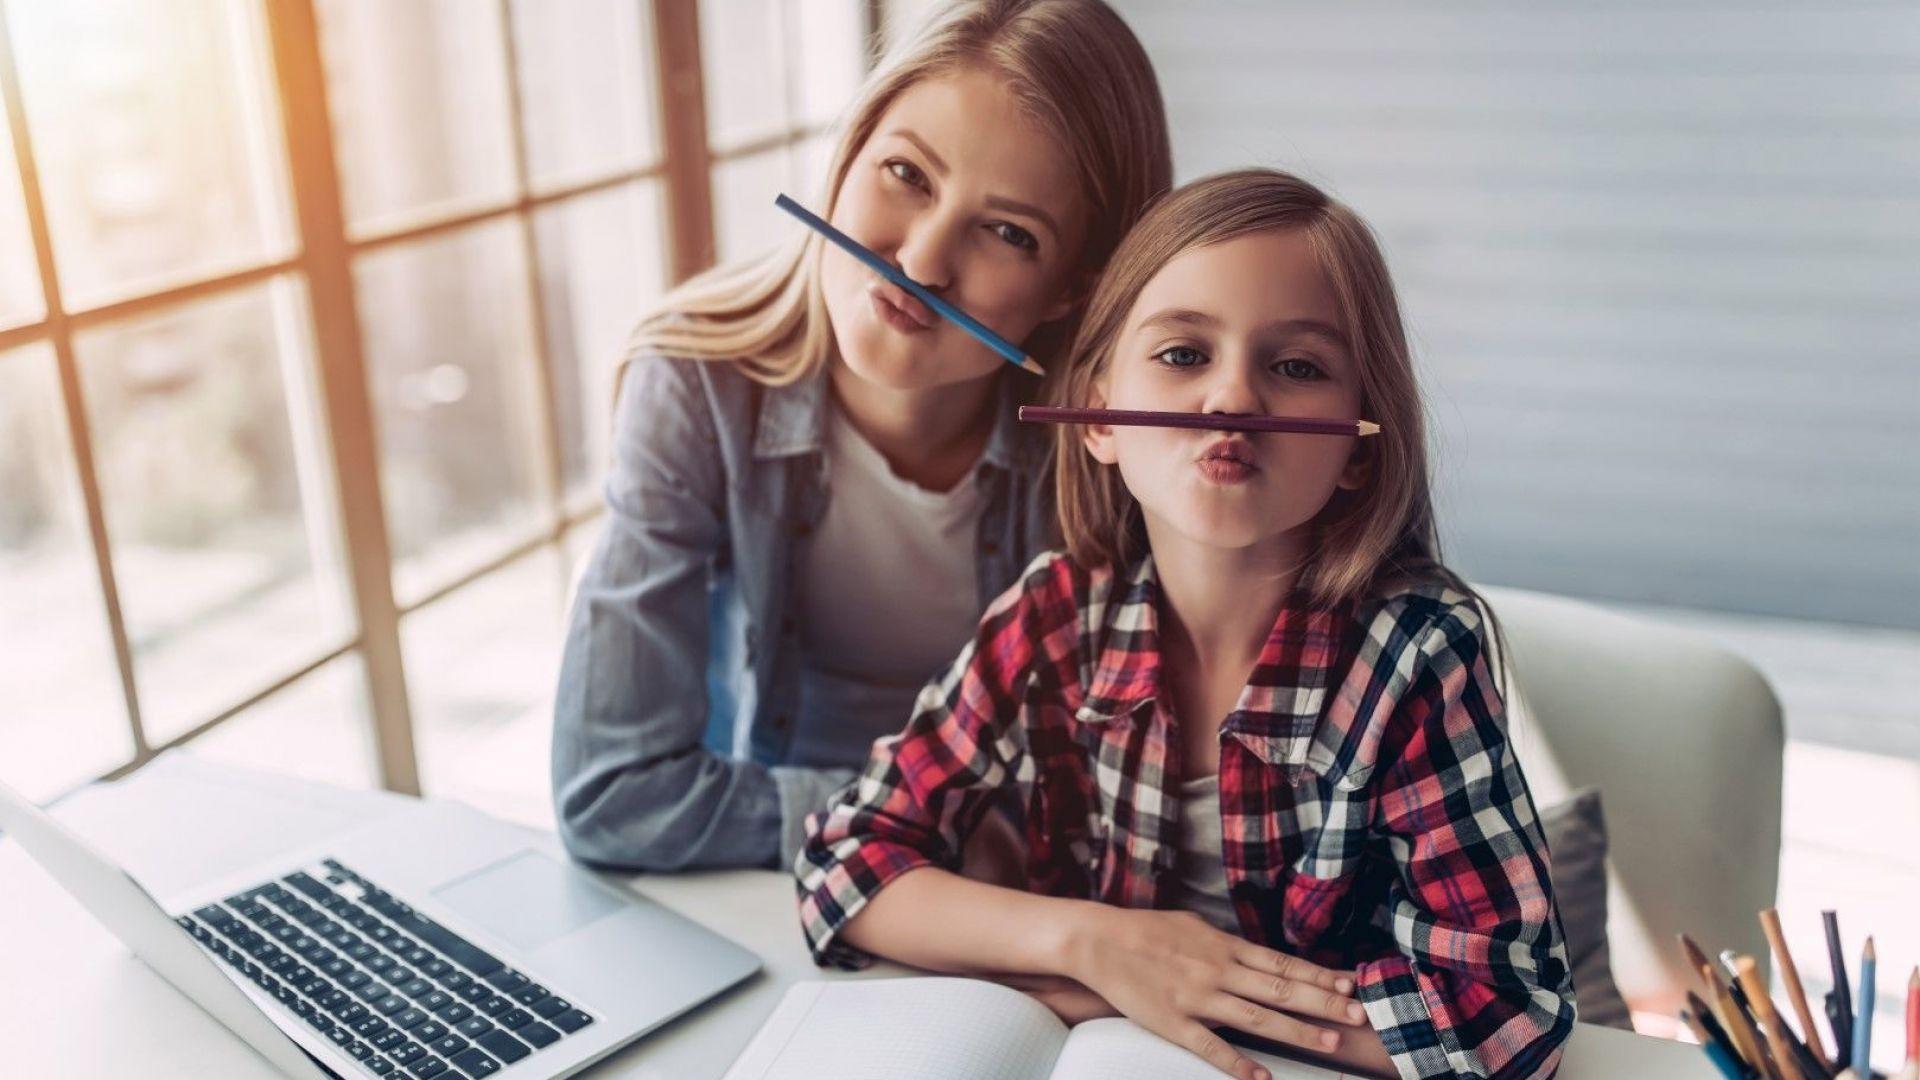 Наръчник за родители: Как да създадете творческо пространство за детето си вкъщи